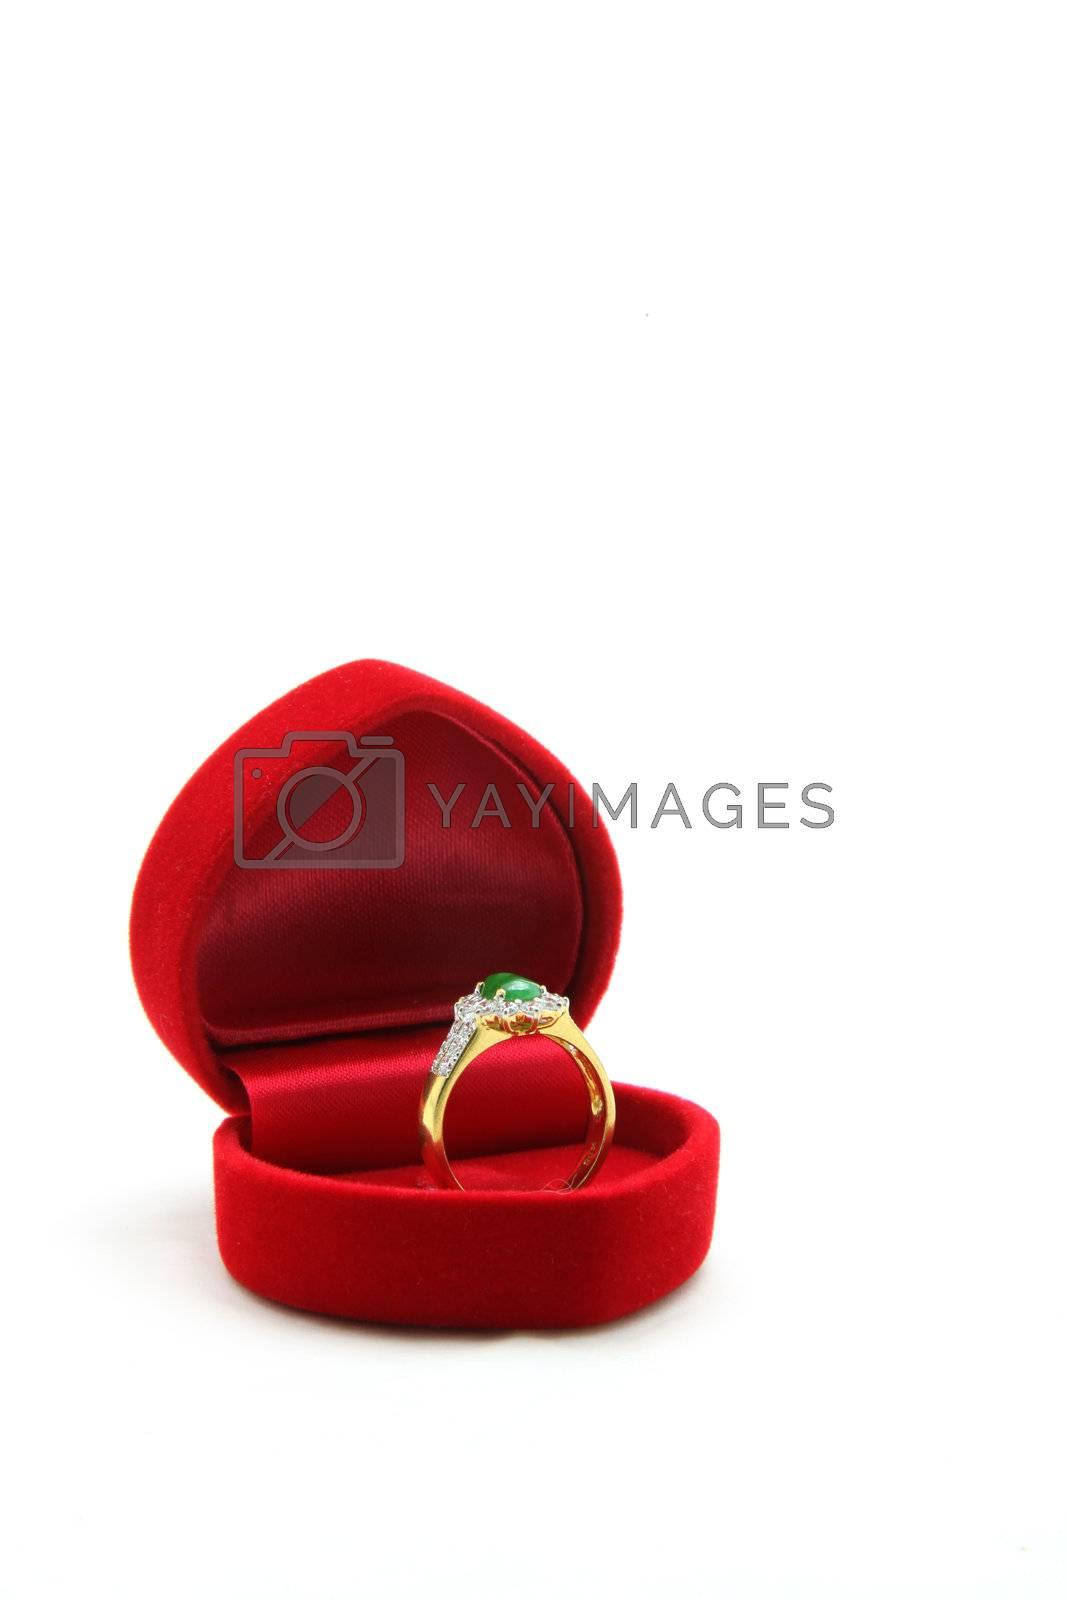 isolated female luxury diamond jade ring in red velvet box